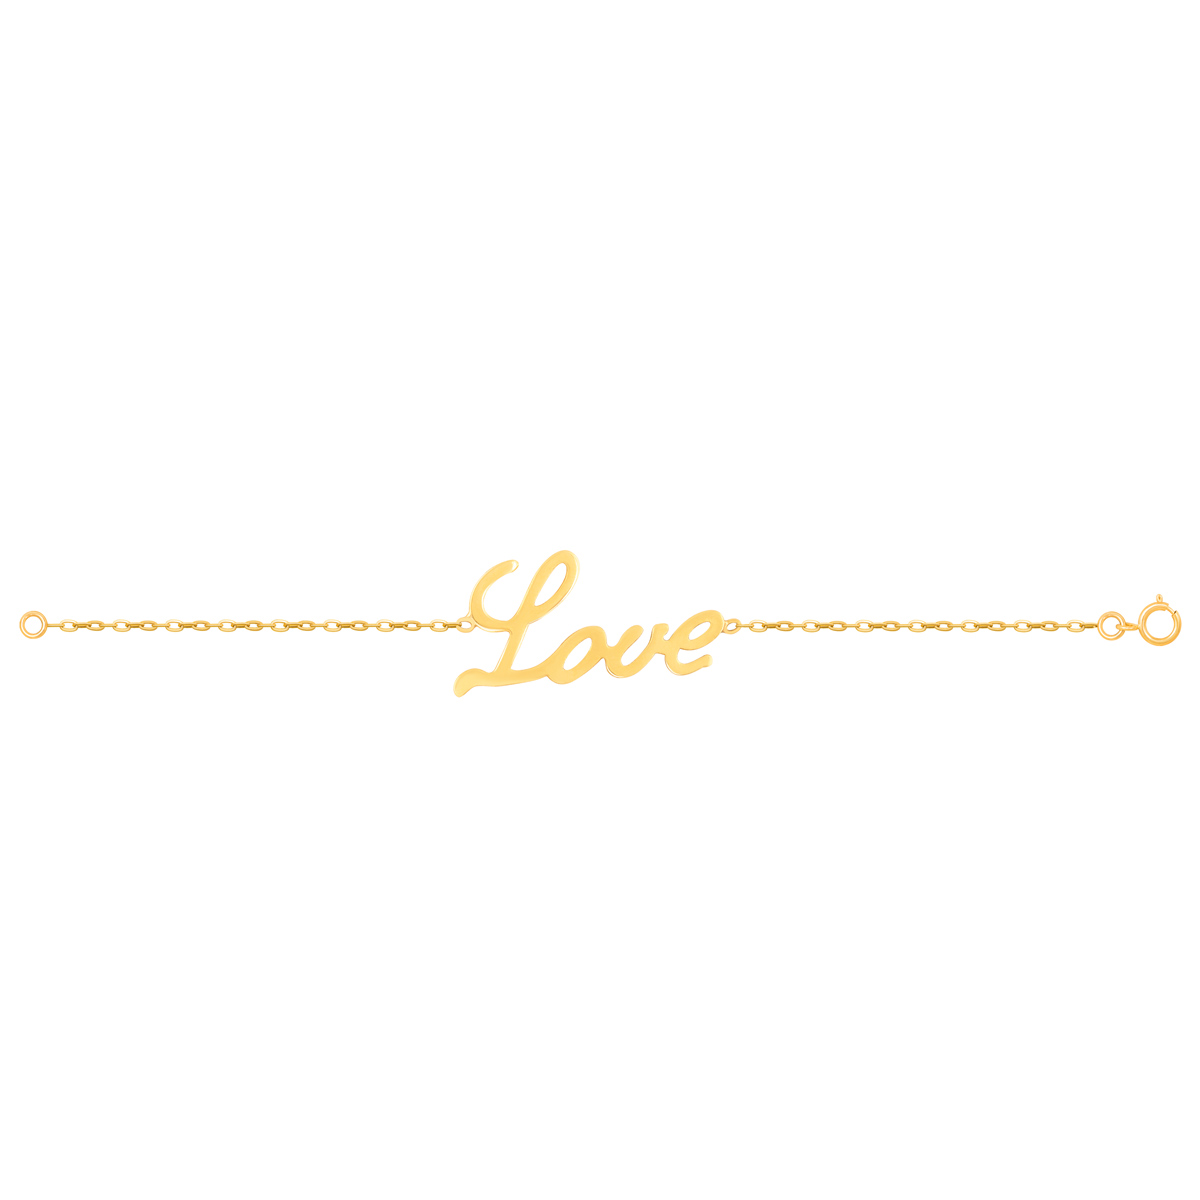 پابند طلا Love